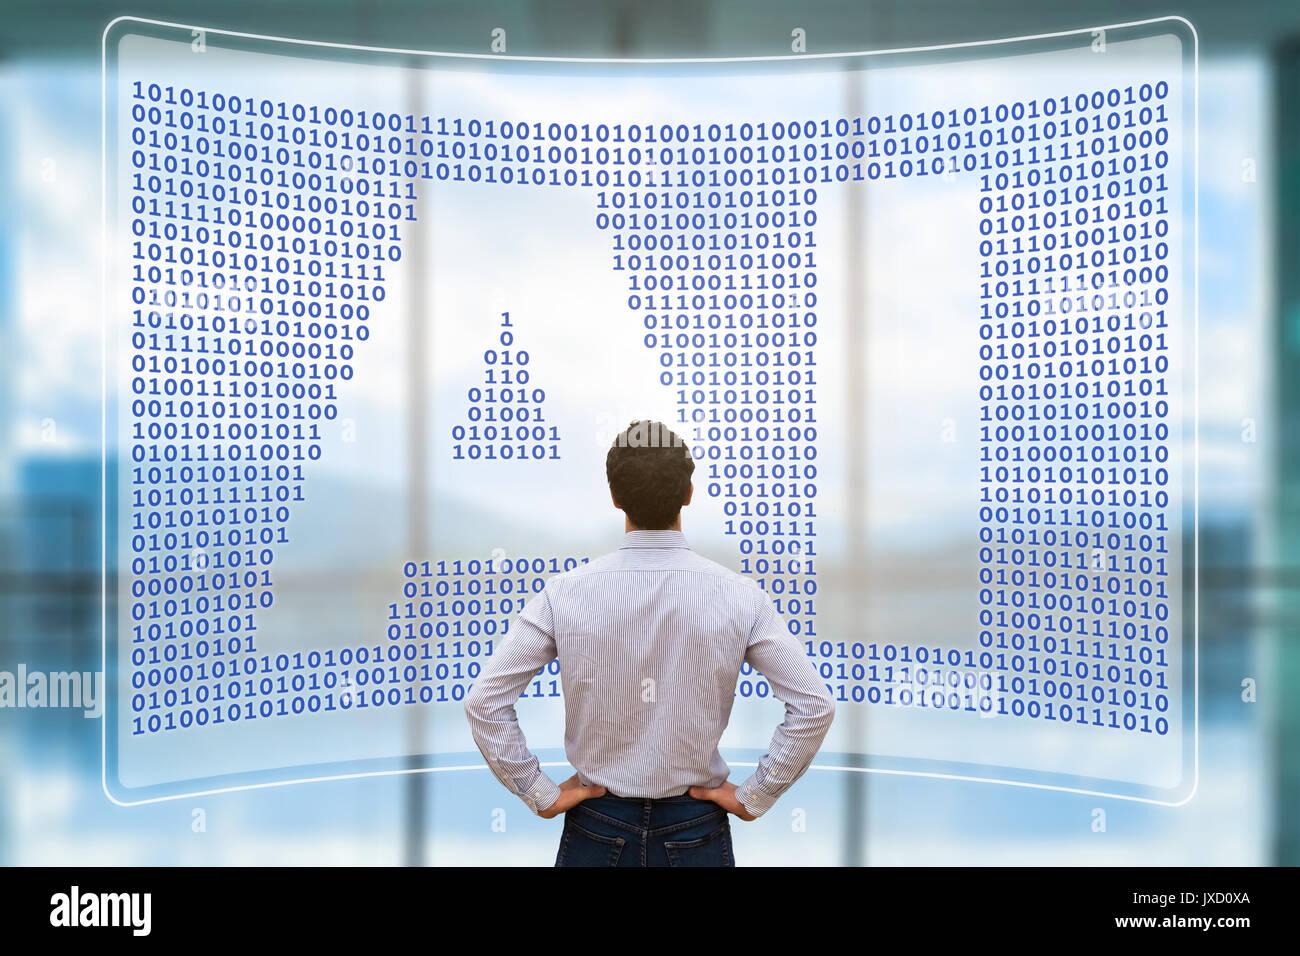 Künstliche Intelligenz Konzept mit Text AI in binären Code Matrix auf virtuellen Bildschirm und Person arbeiten mit Cyber-Technologie und Automatisierung Stockbild